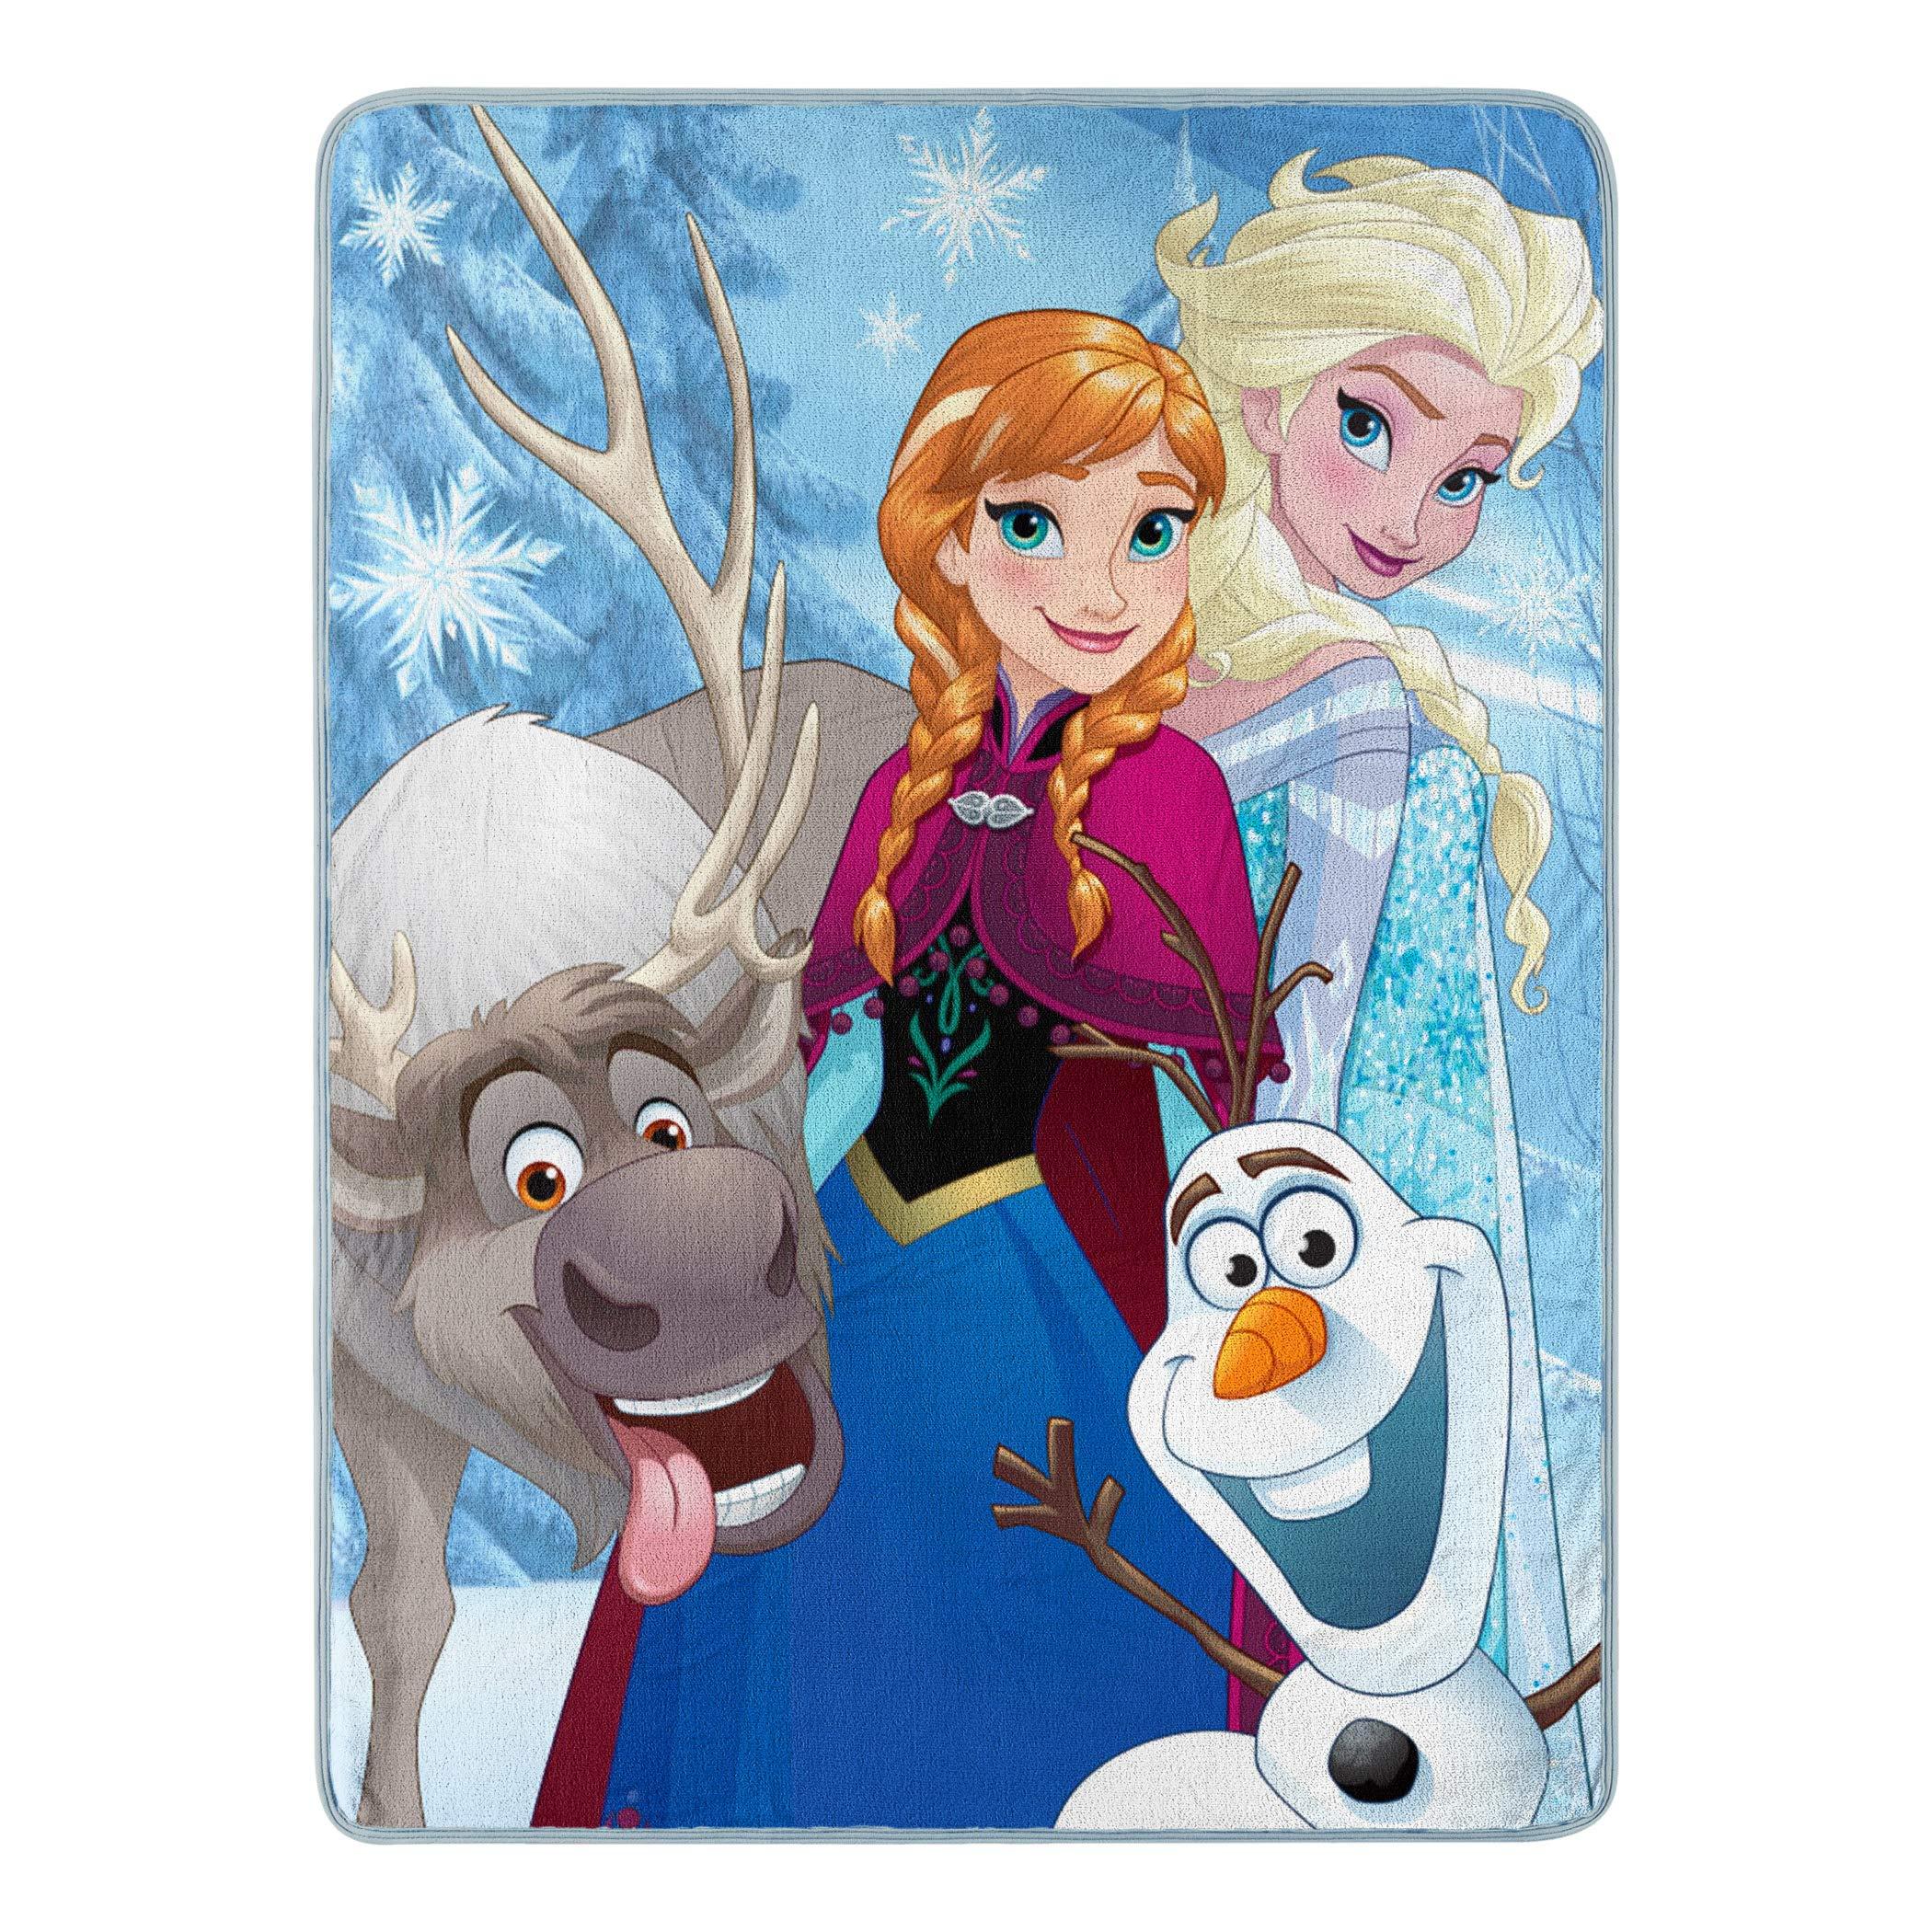 Disney's Frozen, ''Winter Bunch'' Micro Raschel Throw Blanket, 46'' x 60'', Multi Color by Disney